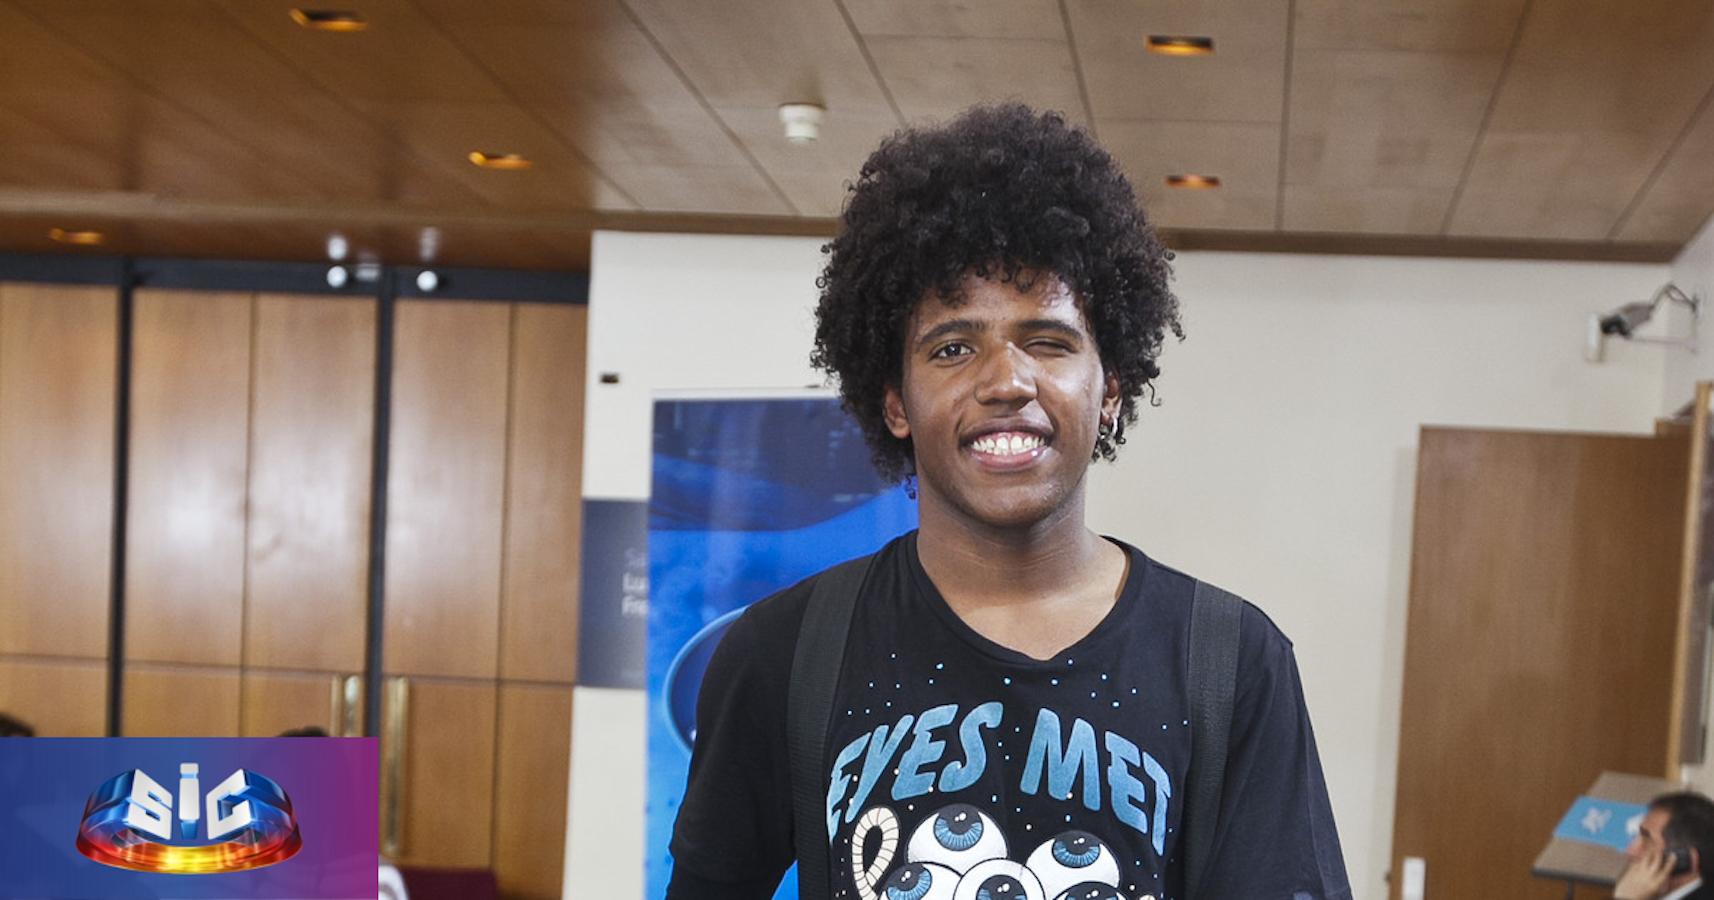 Joao Wilson 1 Concorrente Do The Voice Portugal Foi Ajudado Por Júlia Pinheiro